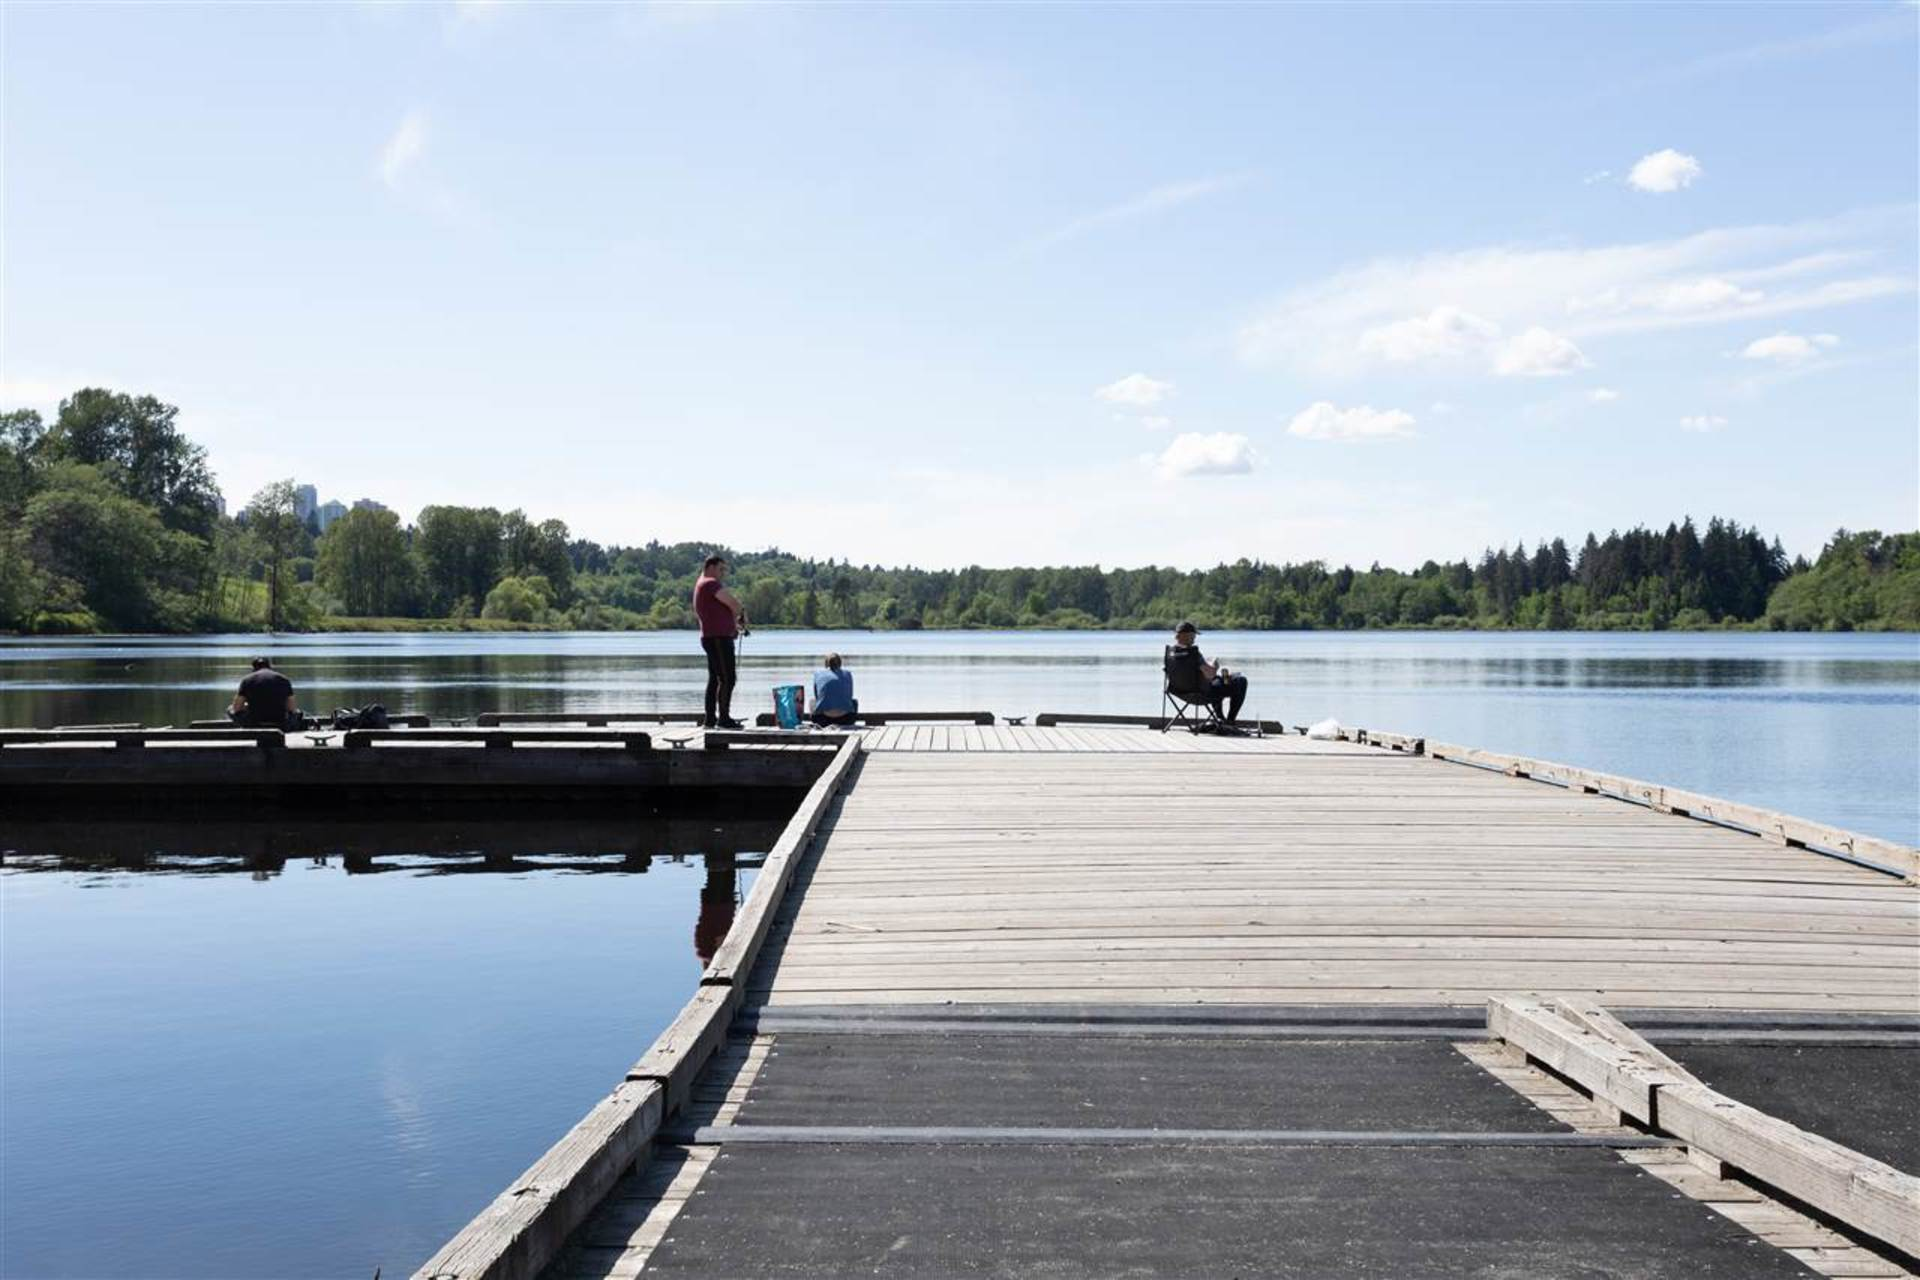 6036-brantford-avenue-upper-deer-lake-burnaby-south-17 at 6036 Brantford Avenue, Upper Deer Lake, Burnaby South